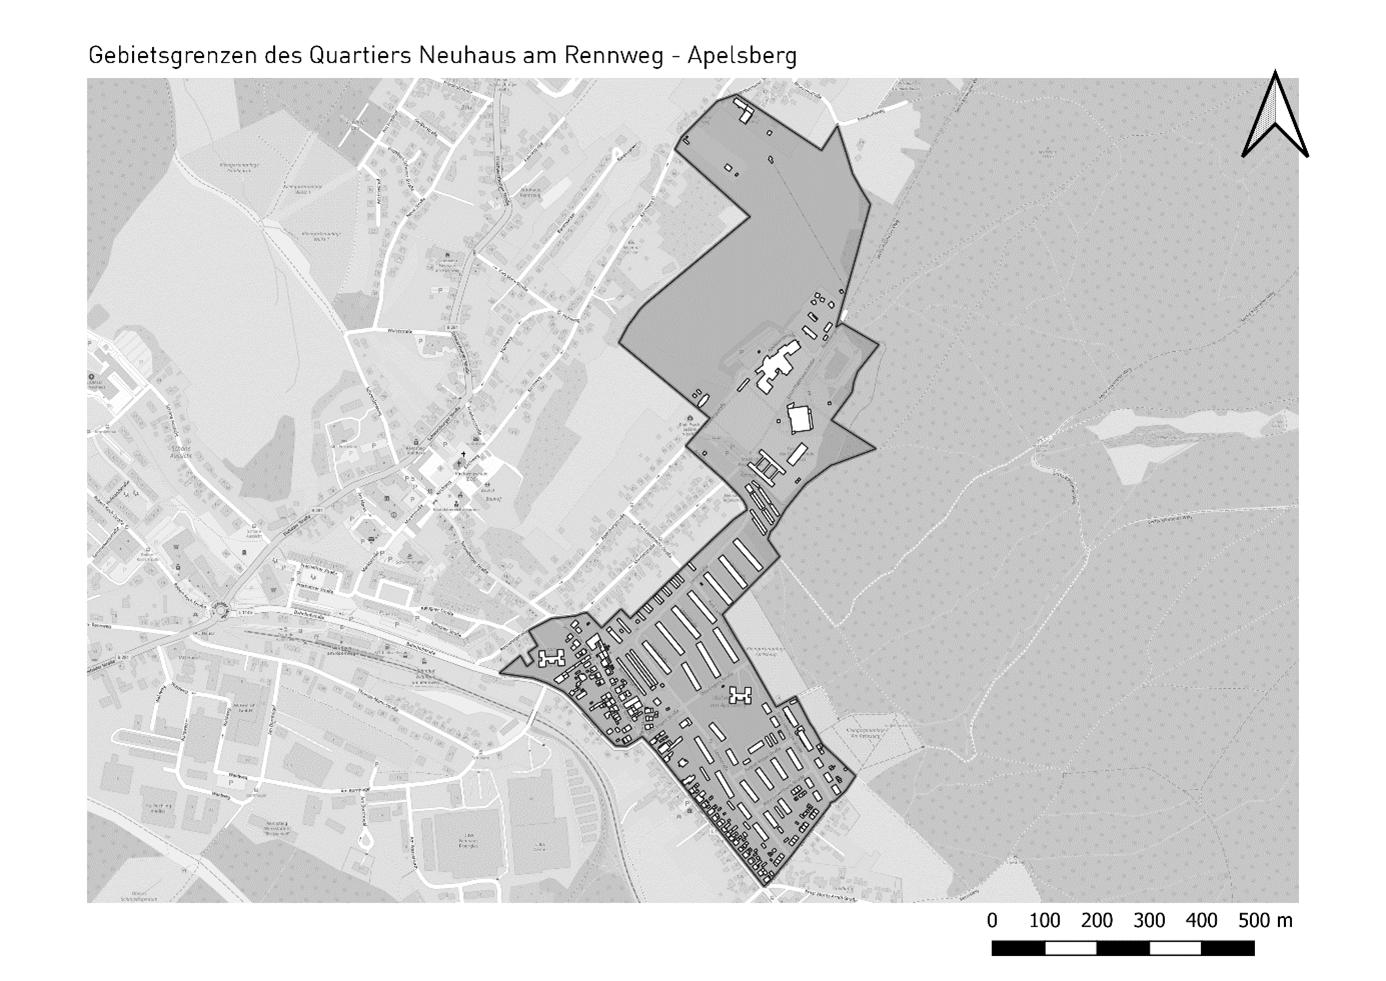 Gebietsgrenze PIQ Apelsberg